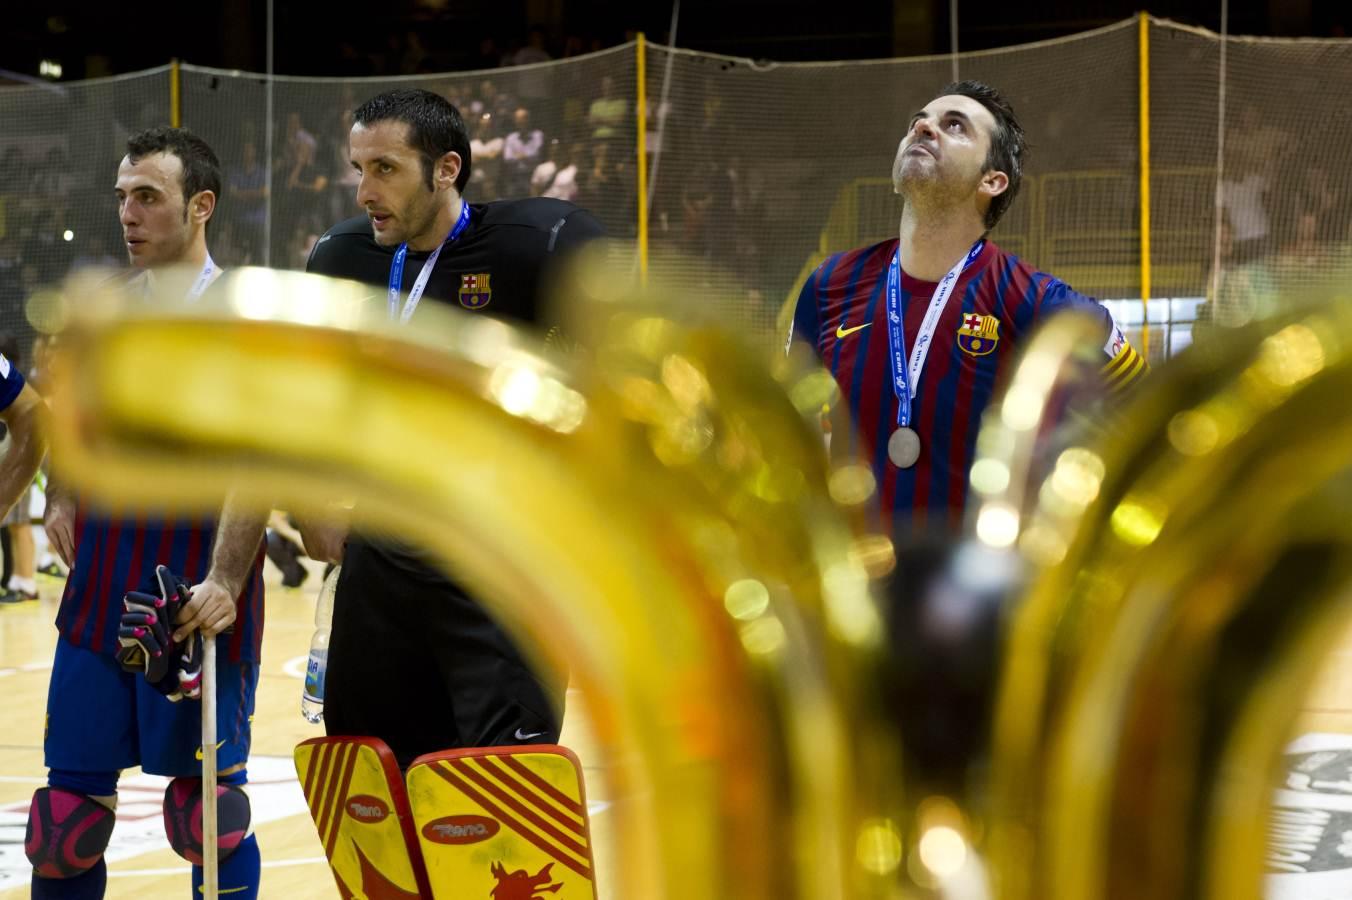 Cara de decepció dels jugadors després de perdre la final de la Lliga Europea